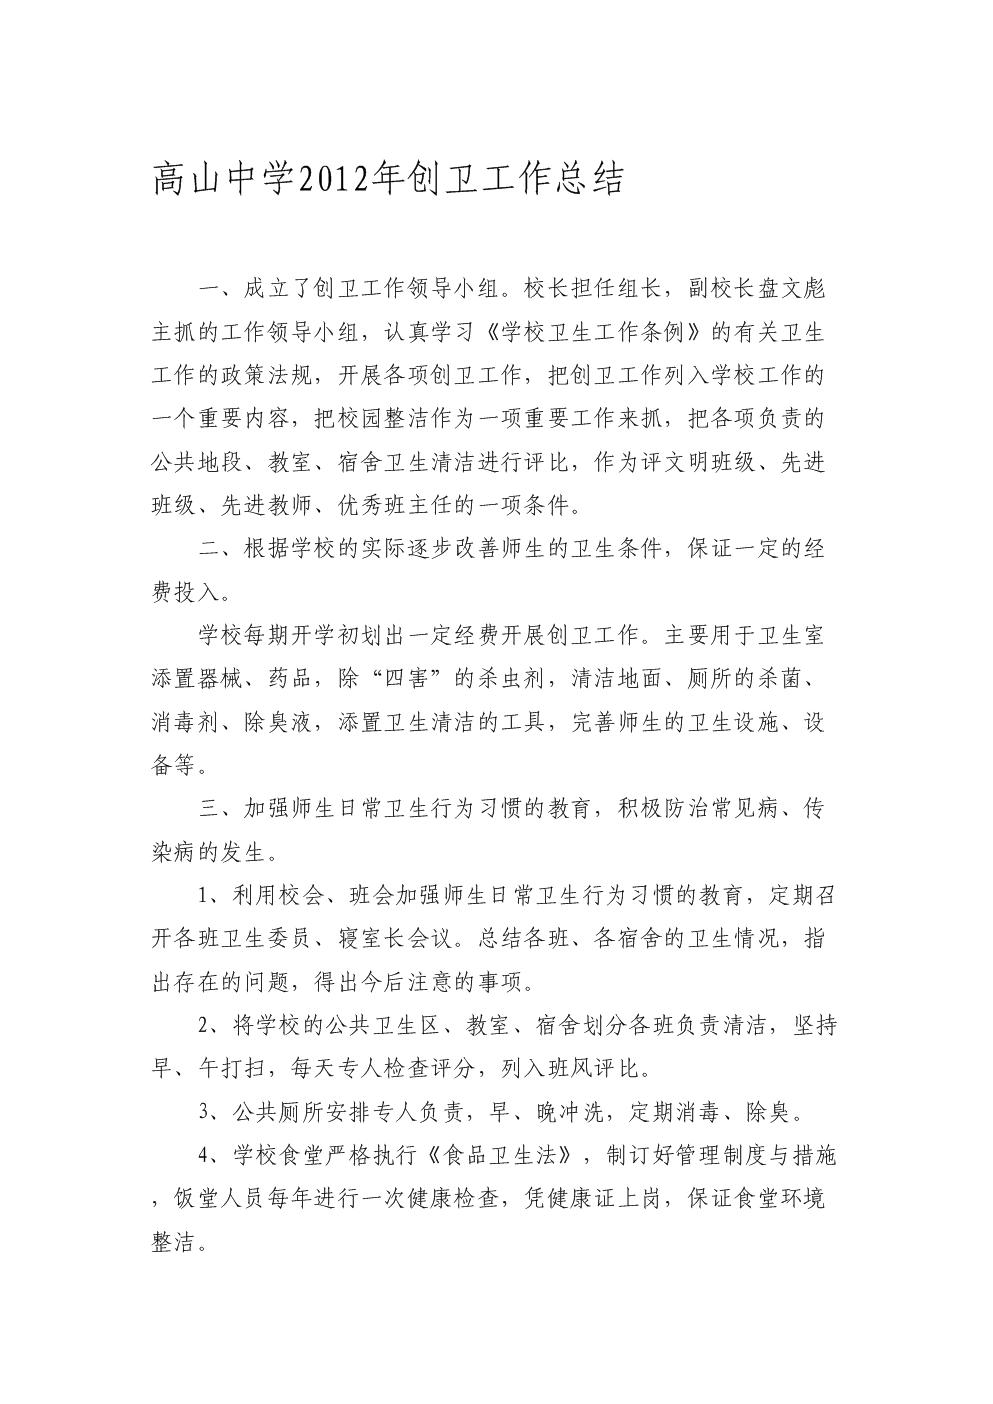 高山中学2012年创卫工作总结.doc